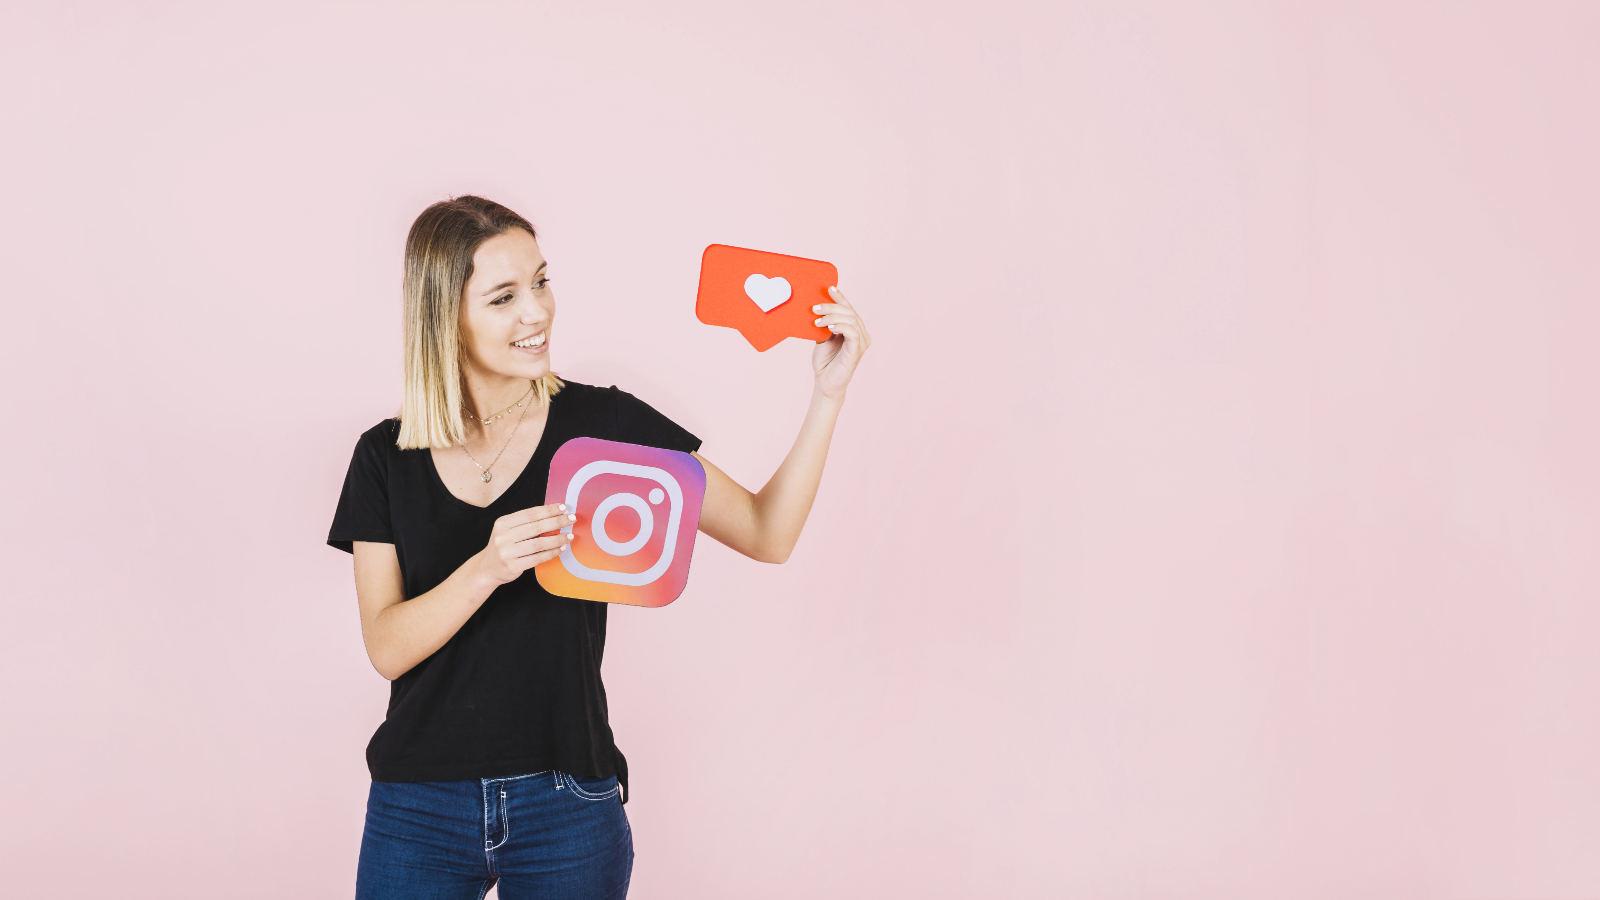 Vendre plus grâce à la vidéo sur Instagram